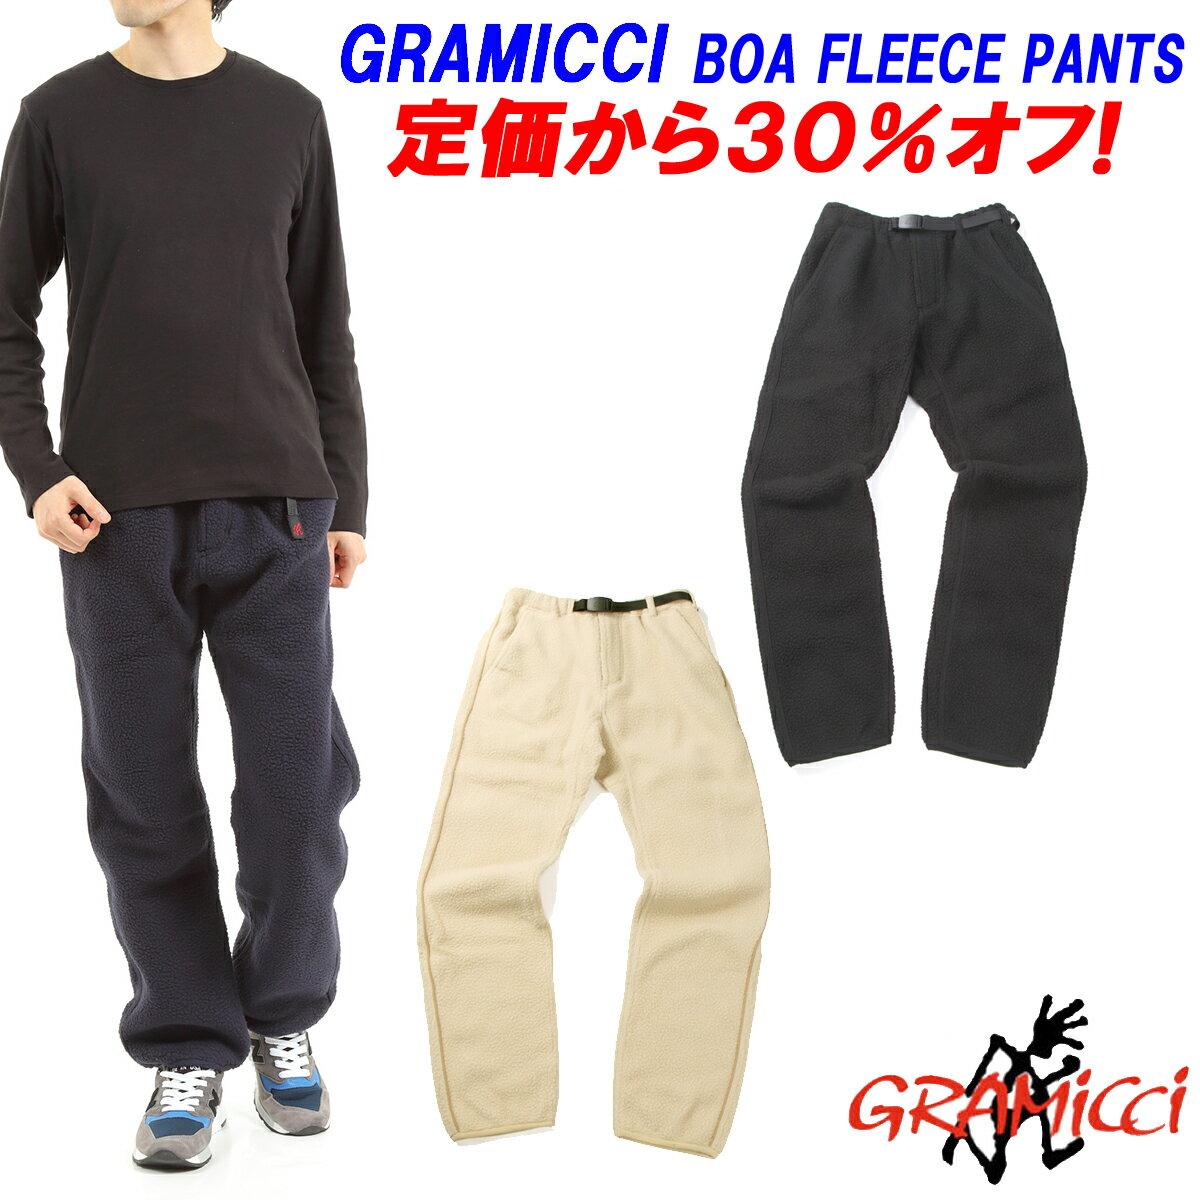 メンズファッション, ズボン・パンツ 30GRAMICCIBOA FLEECE PANTS GUP-19F037